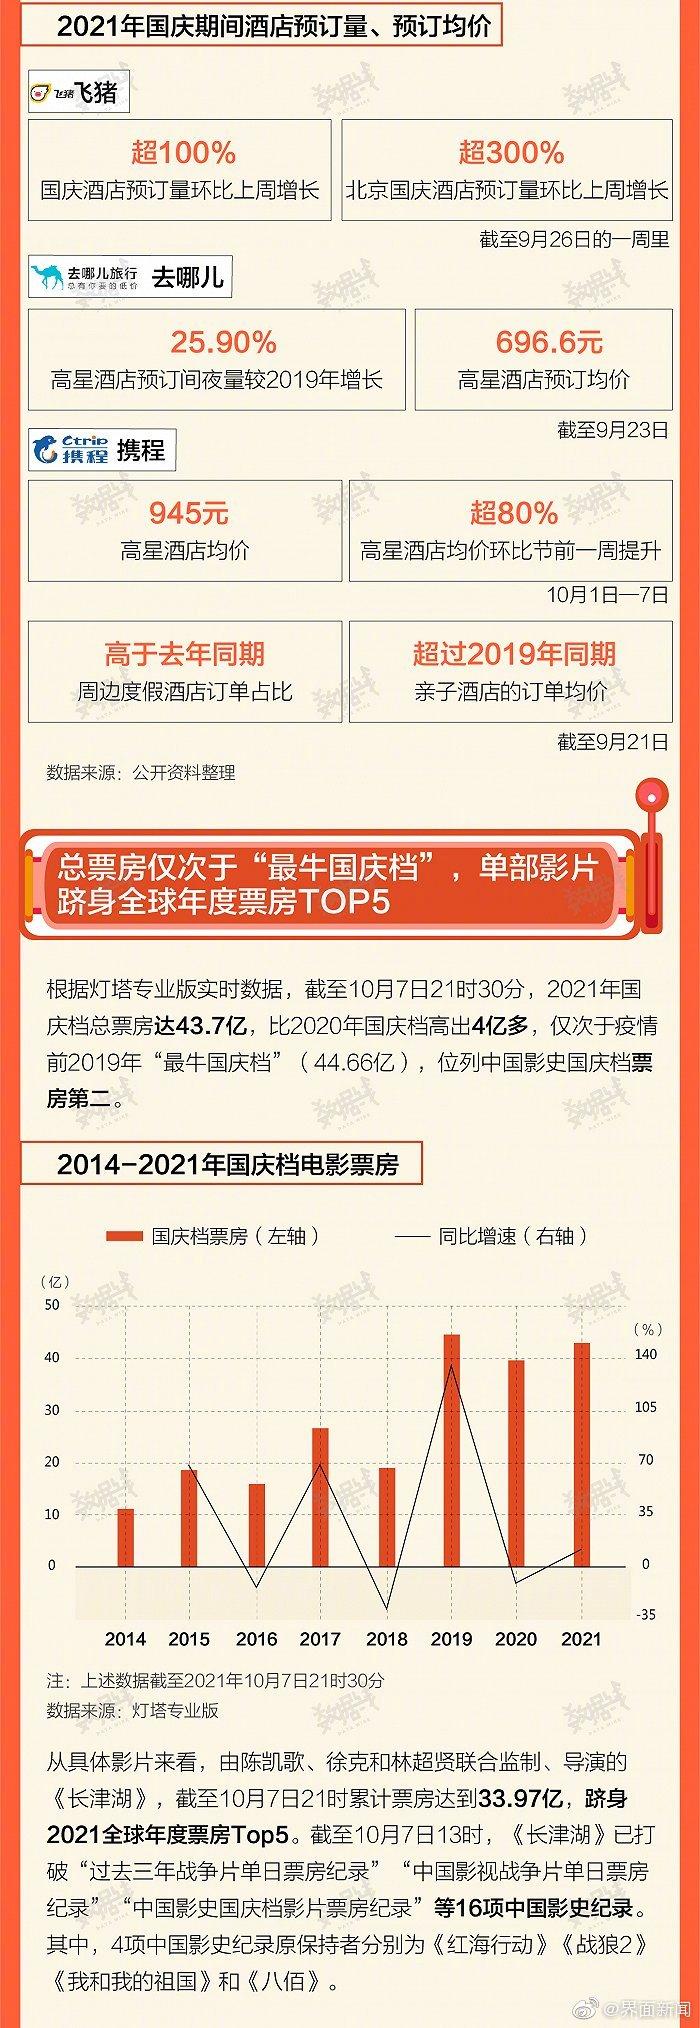 国庆7天旅游消费3800多亿,算什么段位?花哪了?